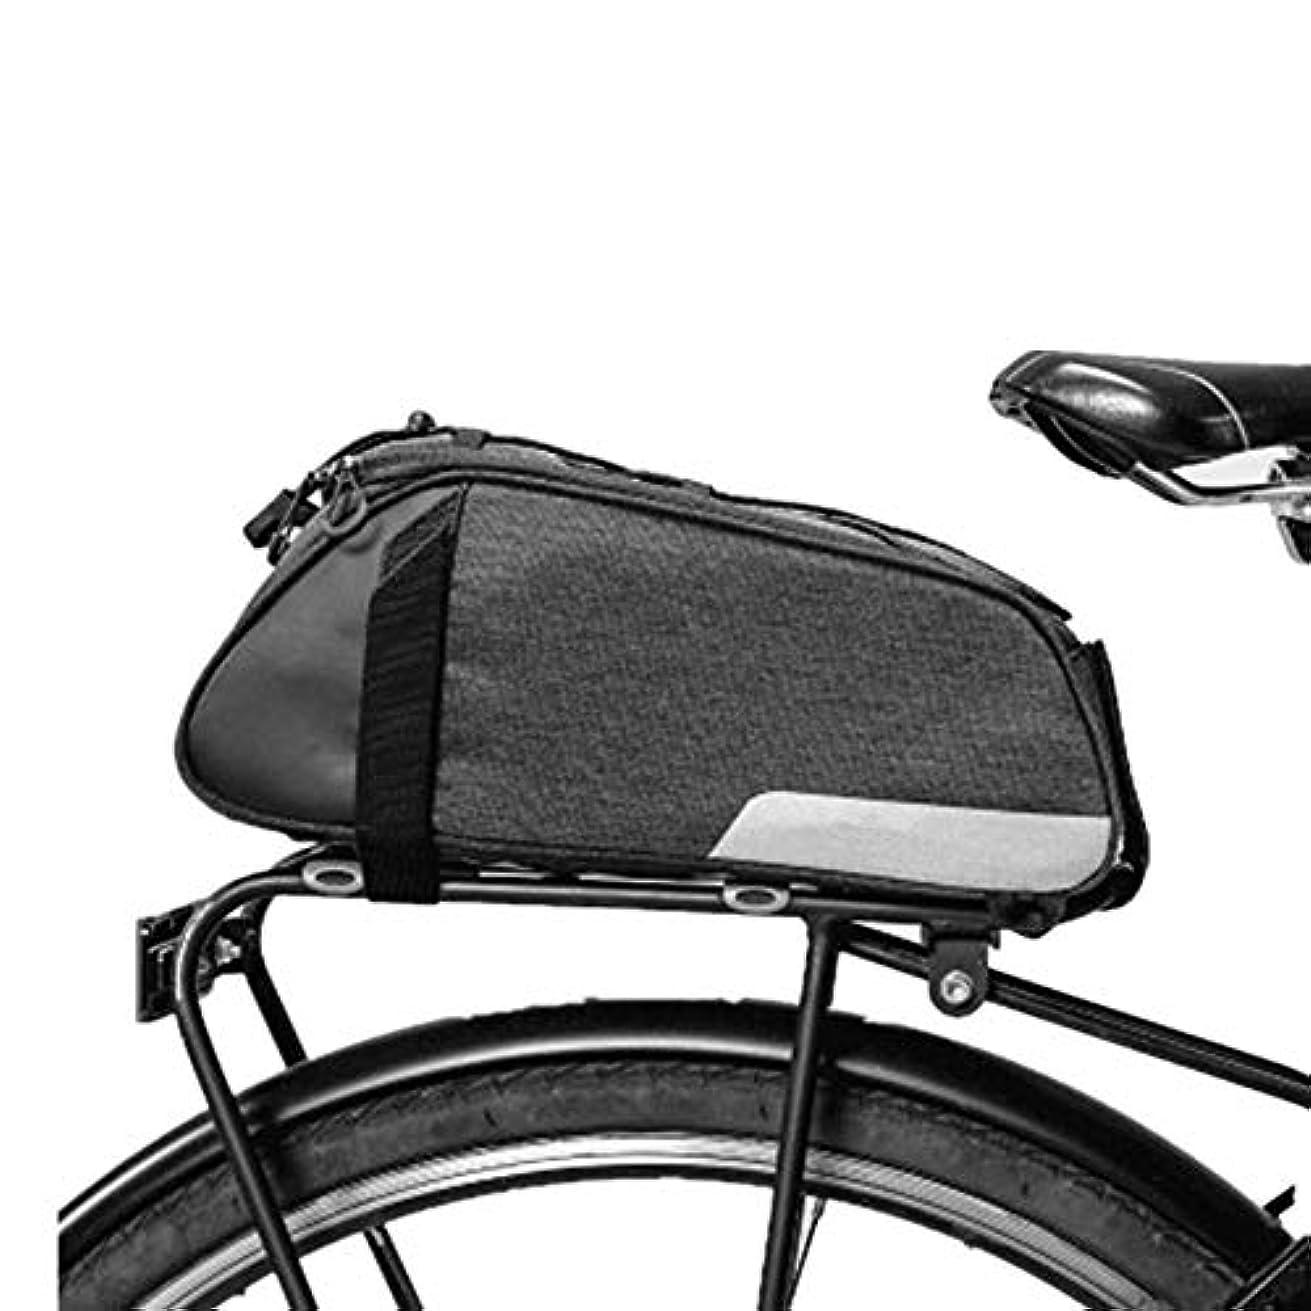 草ラバ提案する自転車パニエトランクバッグ、大容量防水自転車リアシートパニエフィット、防水カバー付き自転車走行用 坚しっかり大容量